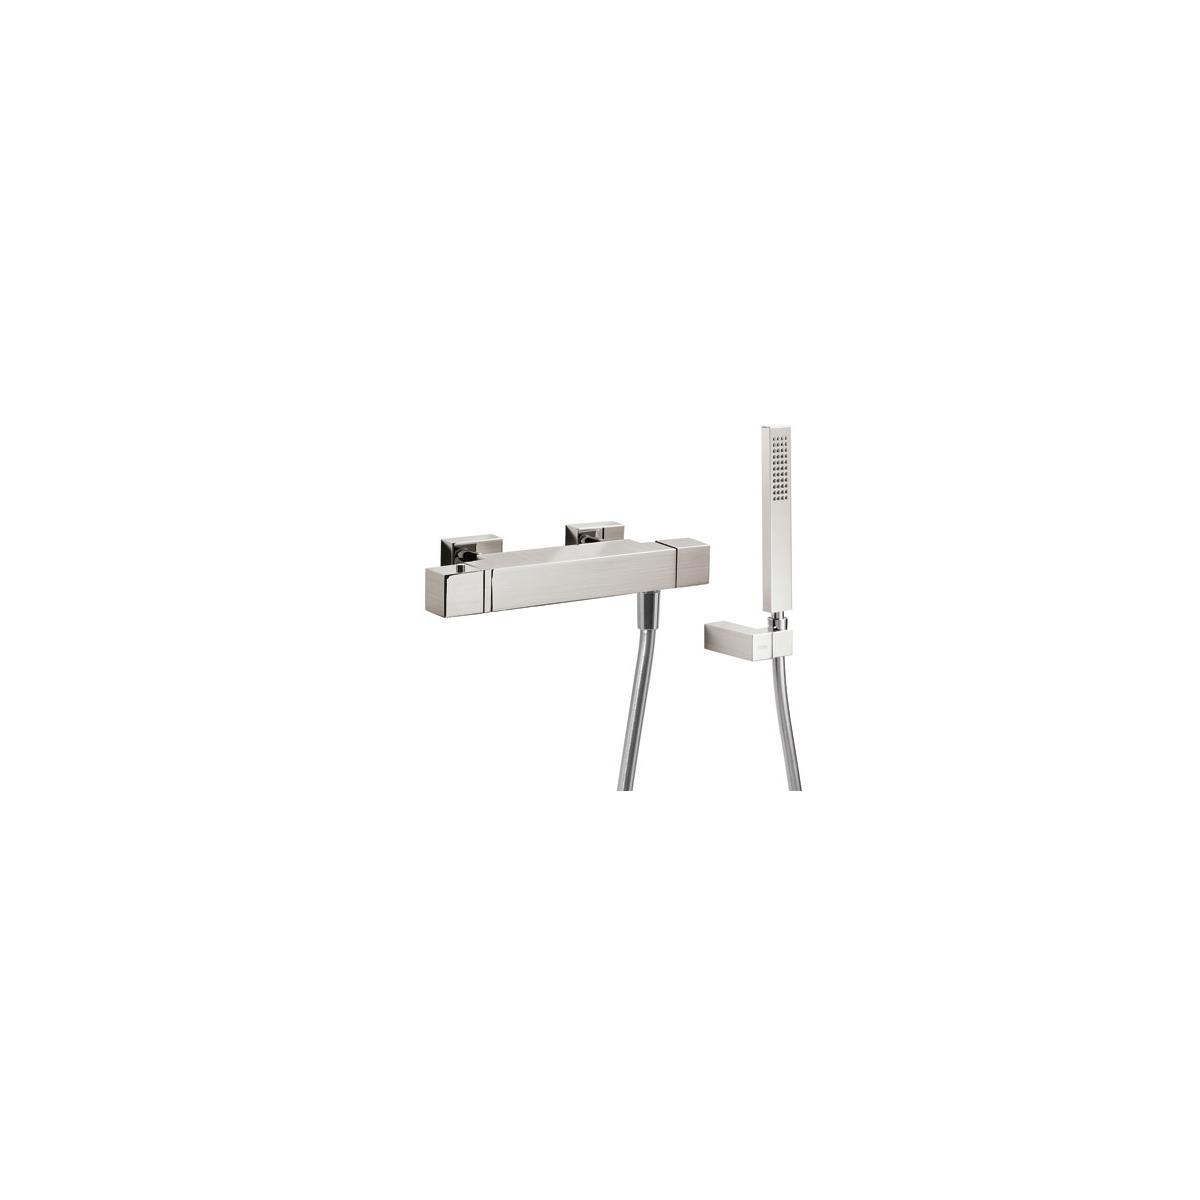 Grifo ducha termostática Cuadro Exclusive